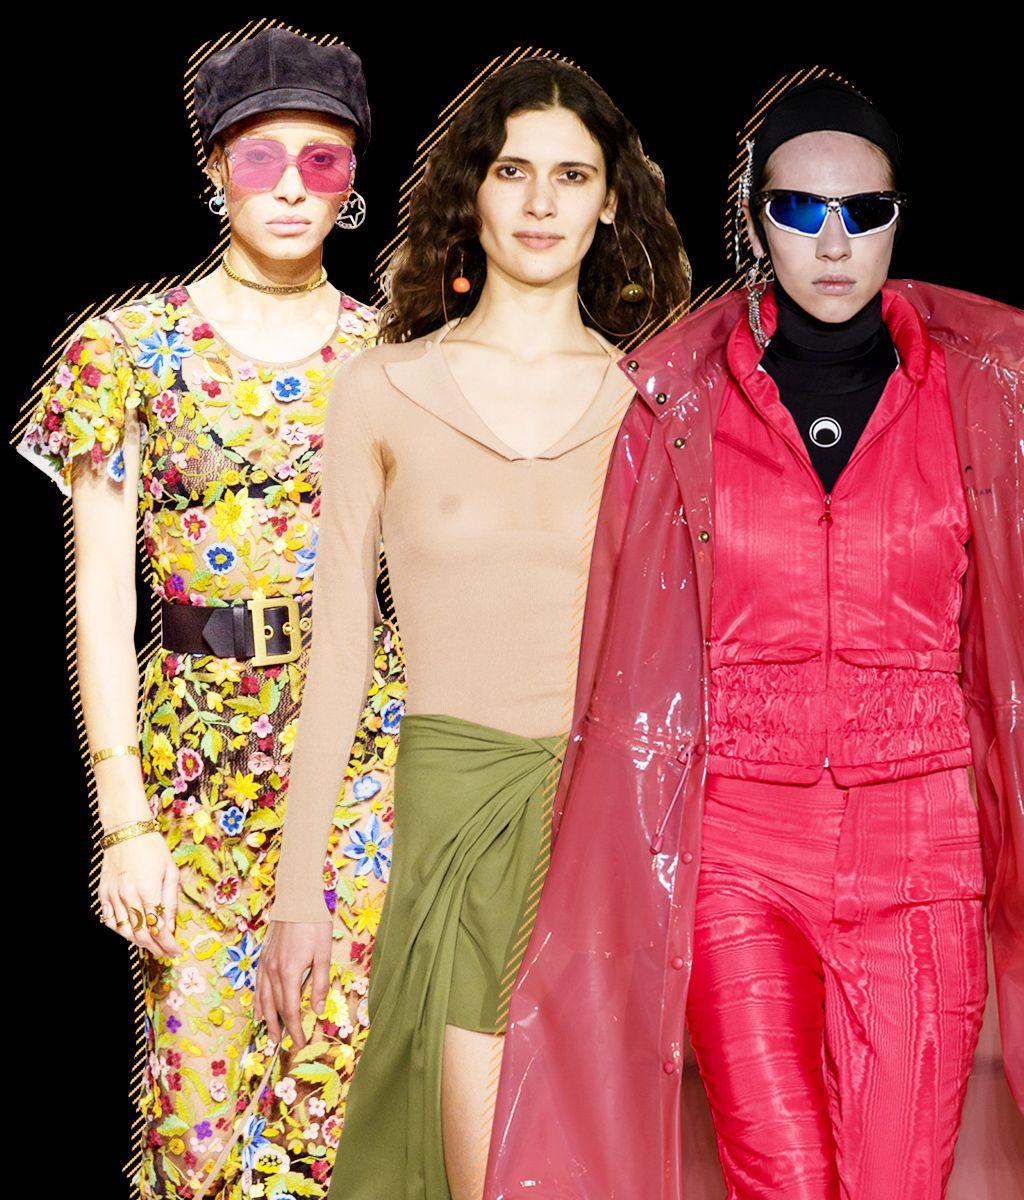 26a6a95d48 How to Make Political Fashion